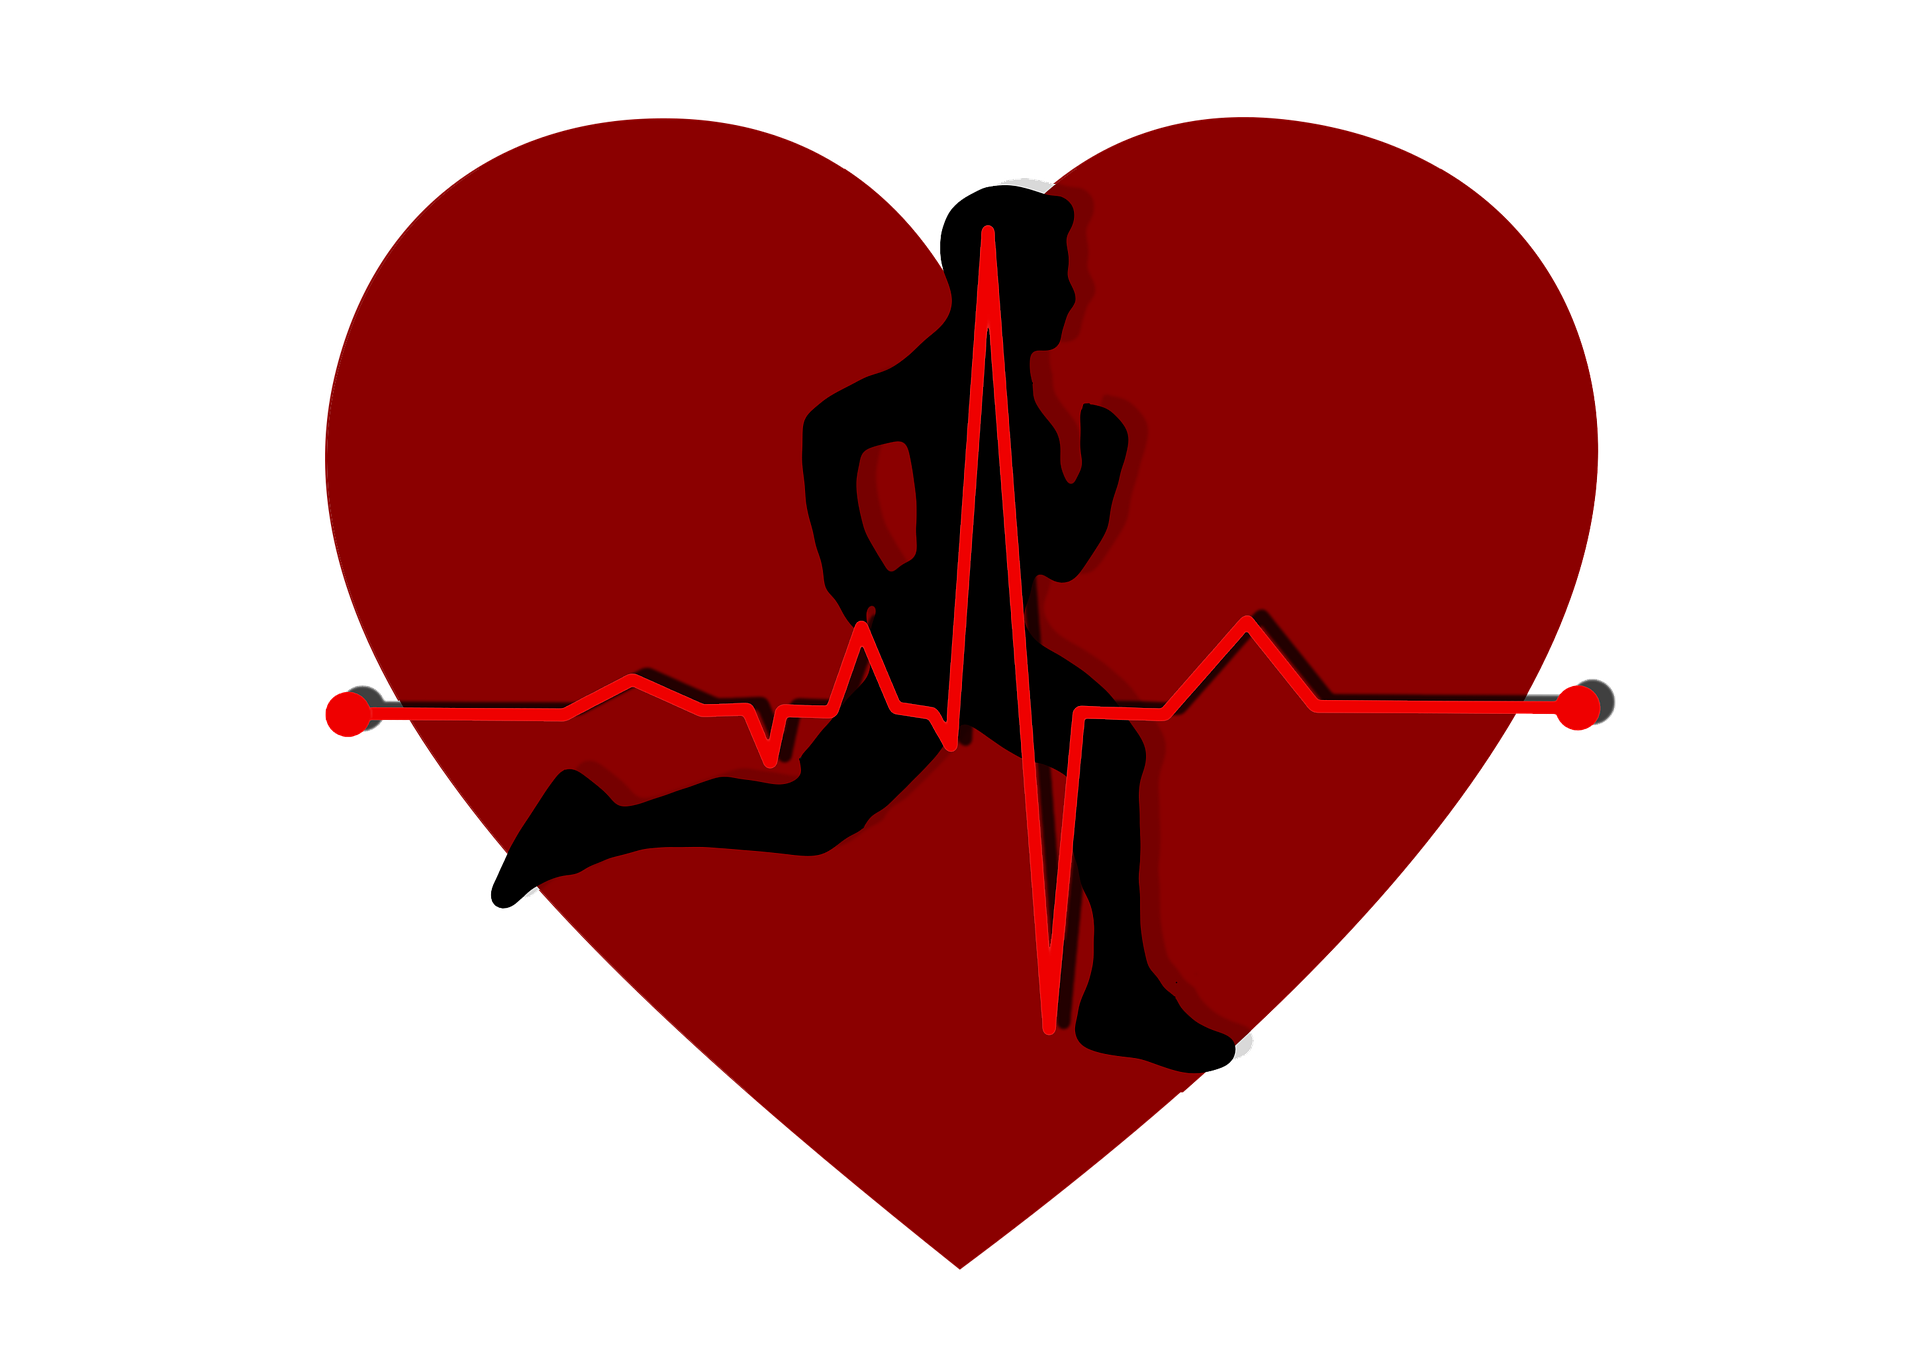 El ejercicio aumenta la frecuencia cardiaca